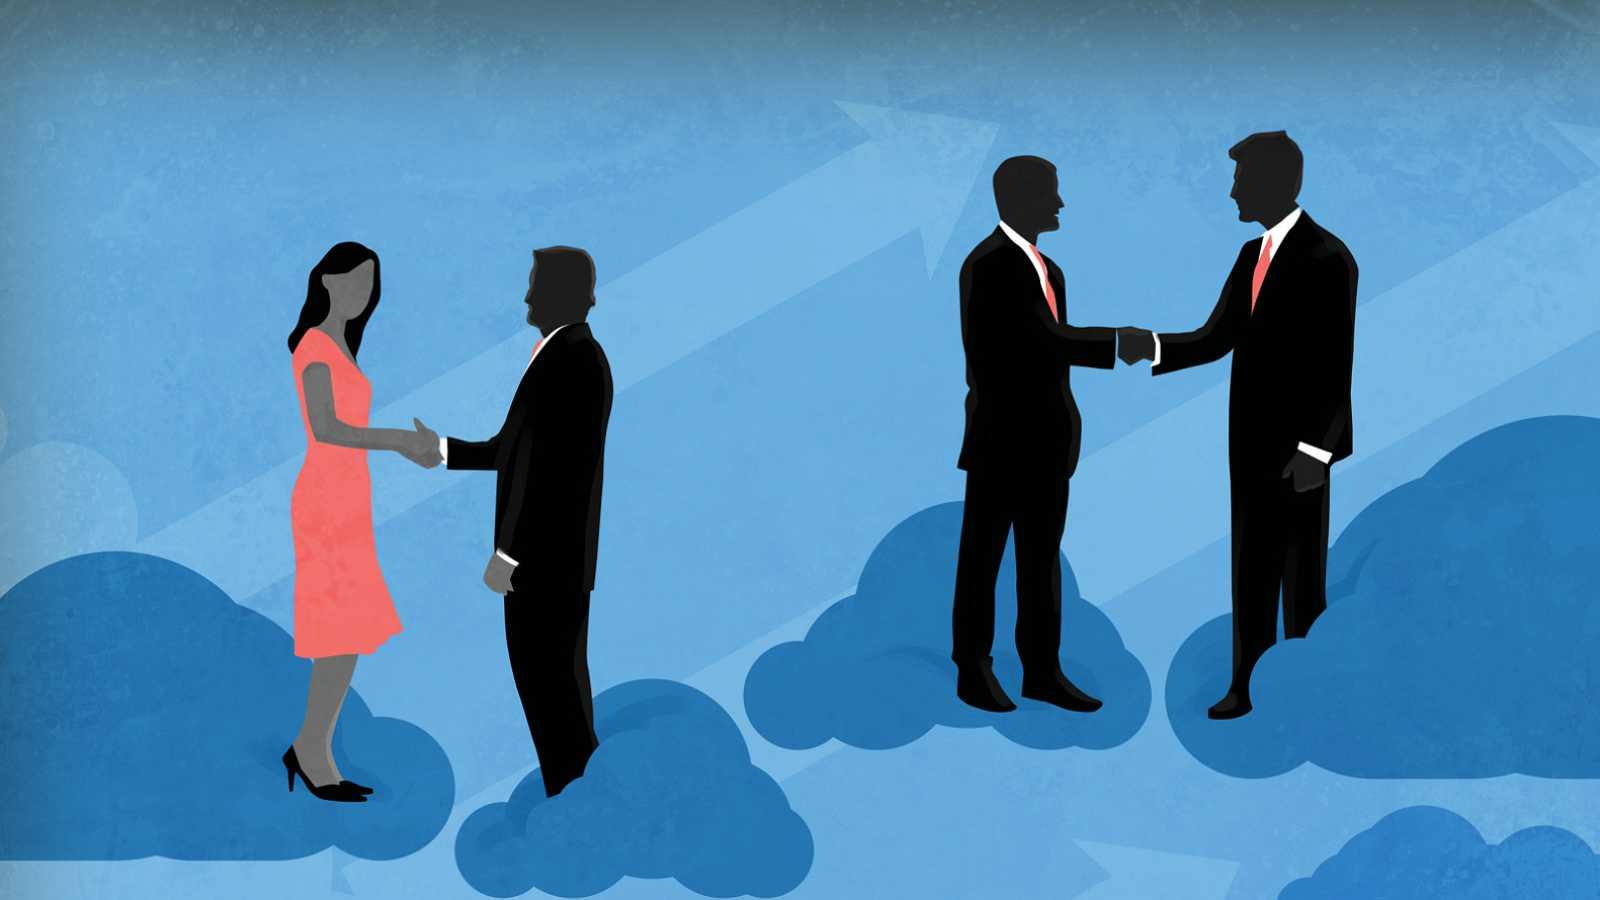 Espacio para la responsabilidad - Empresas B Corp. - 06/03/18 - Escuchar ahora